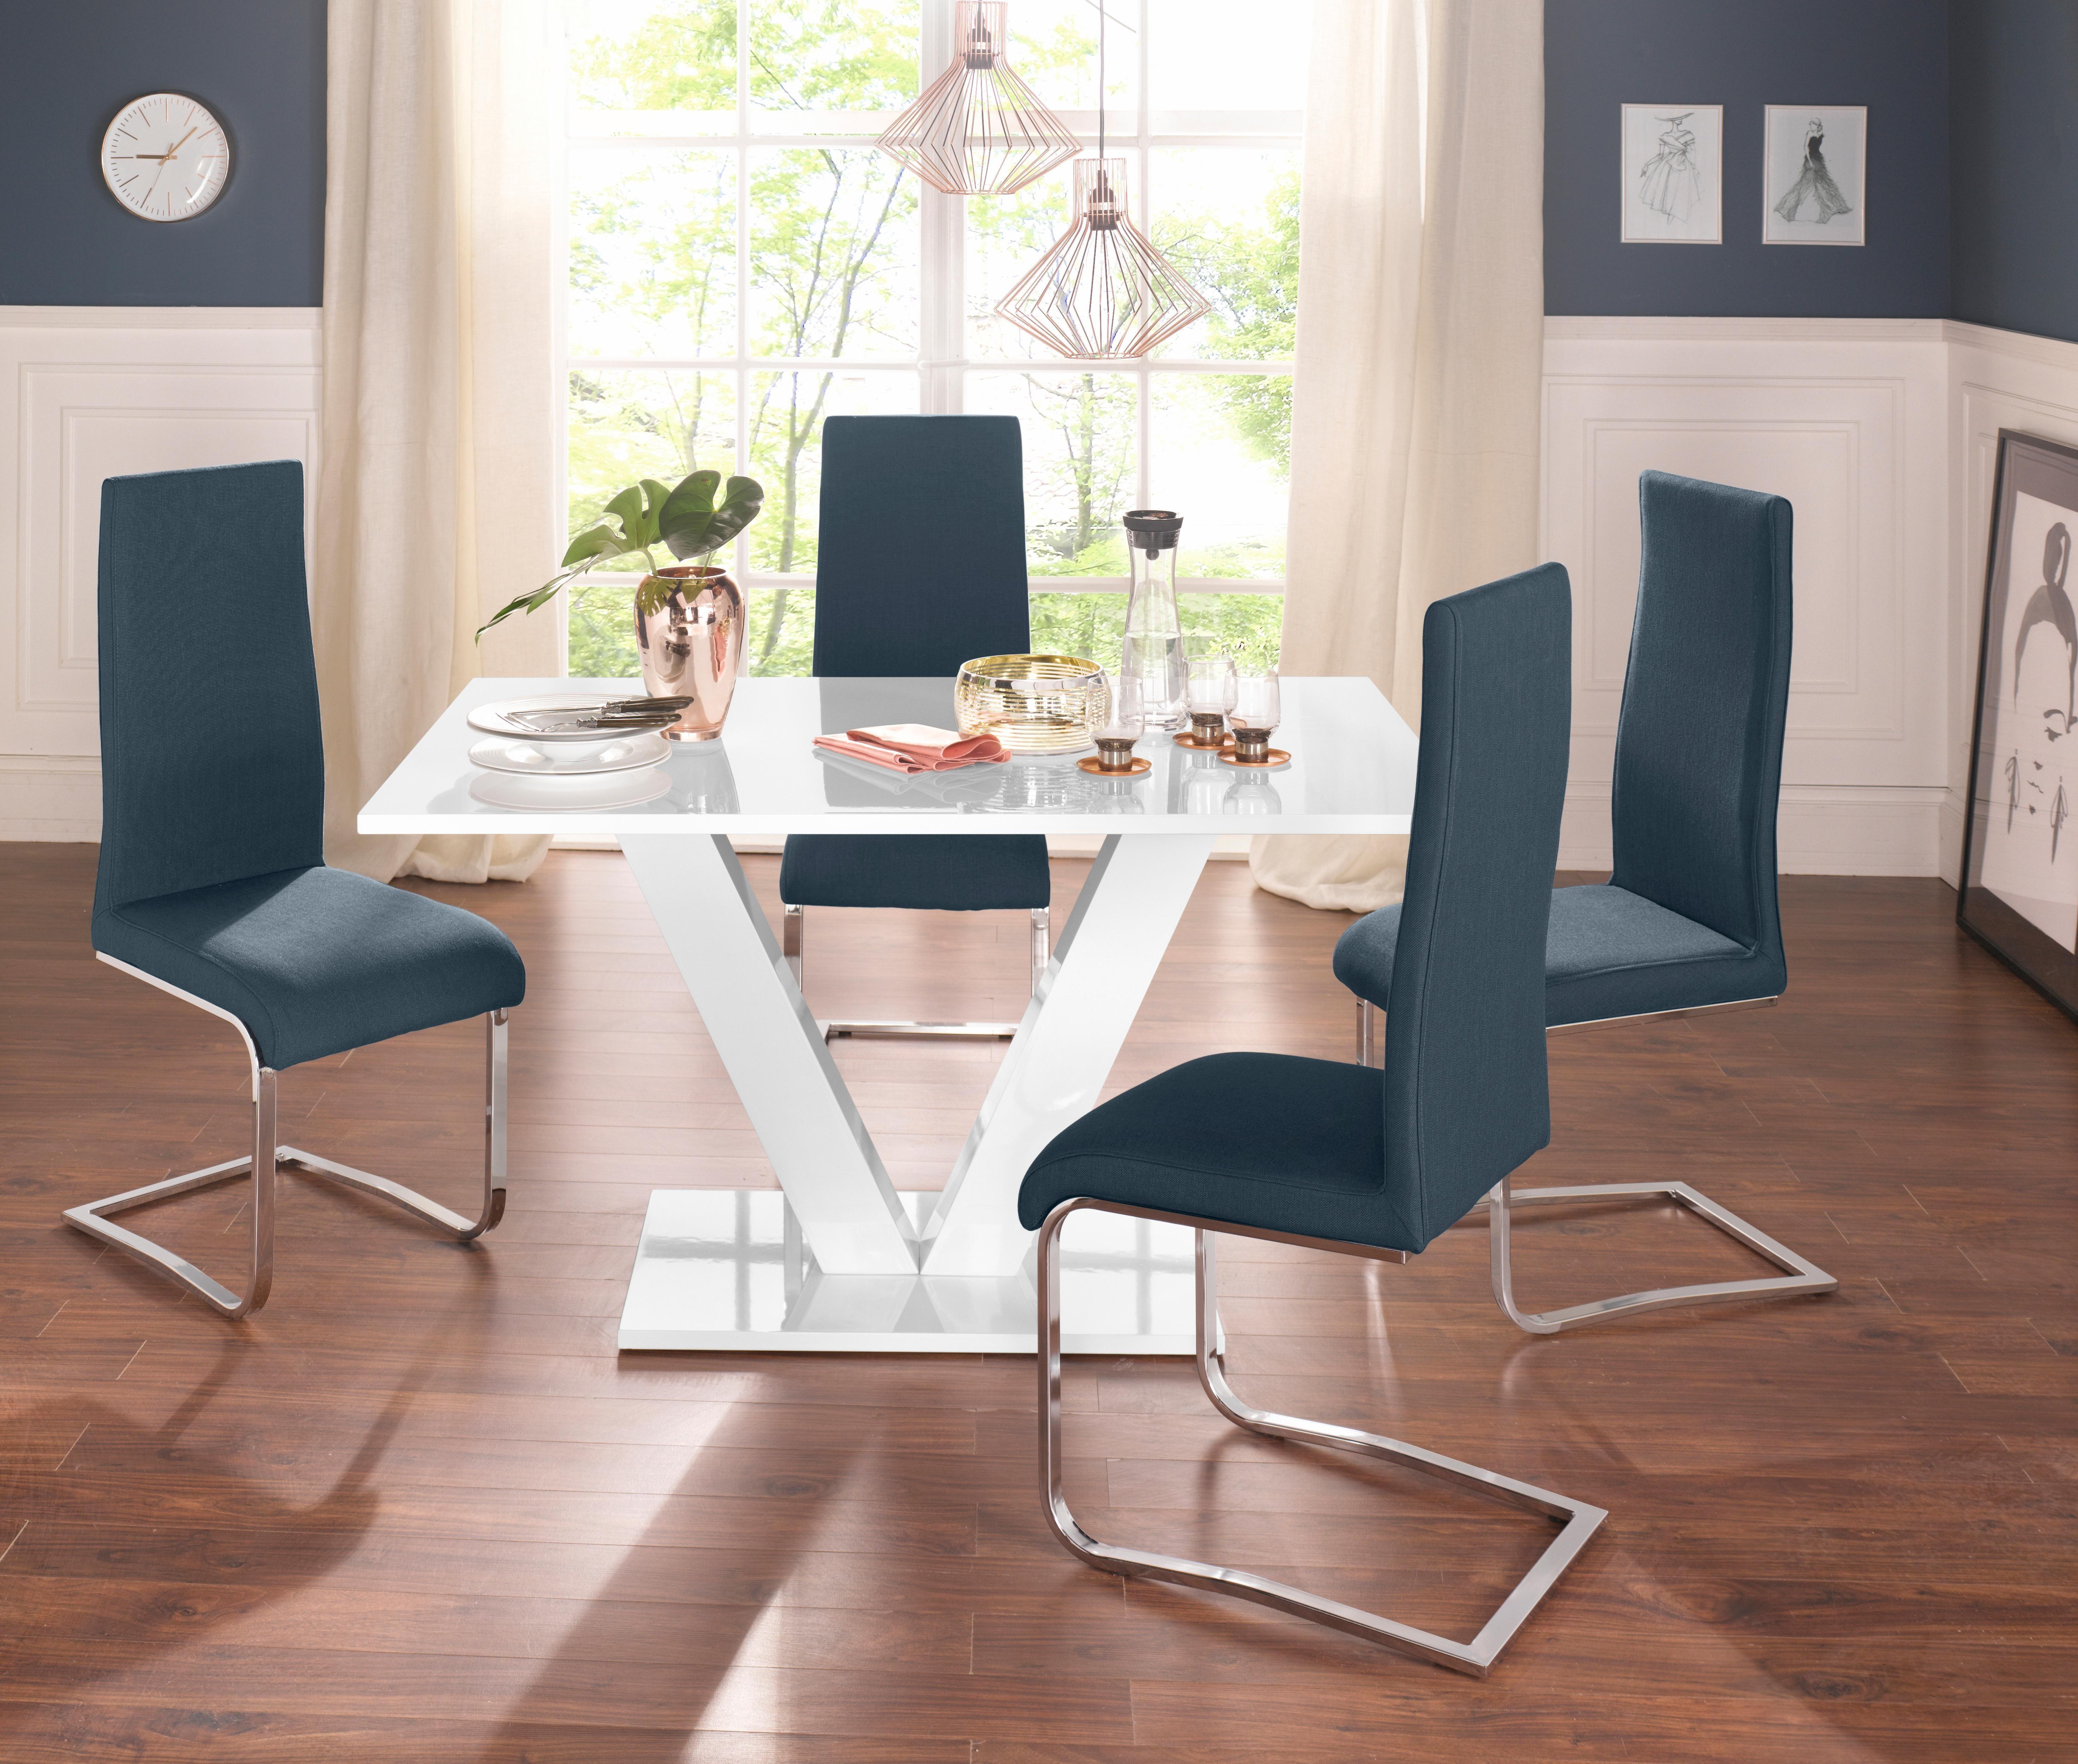 Esstisch Mit Stühlen Weiß Hochglanz Preisvergleich • Die besten ...